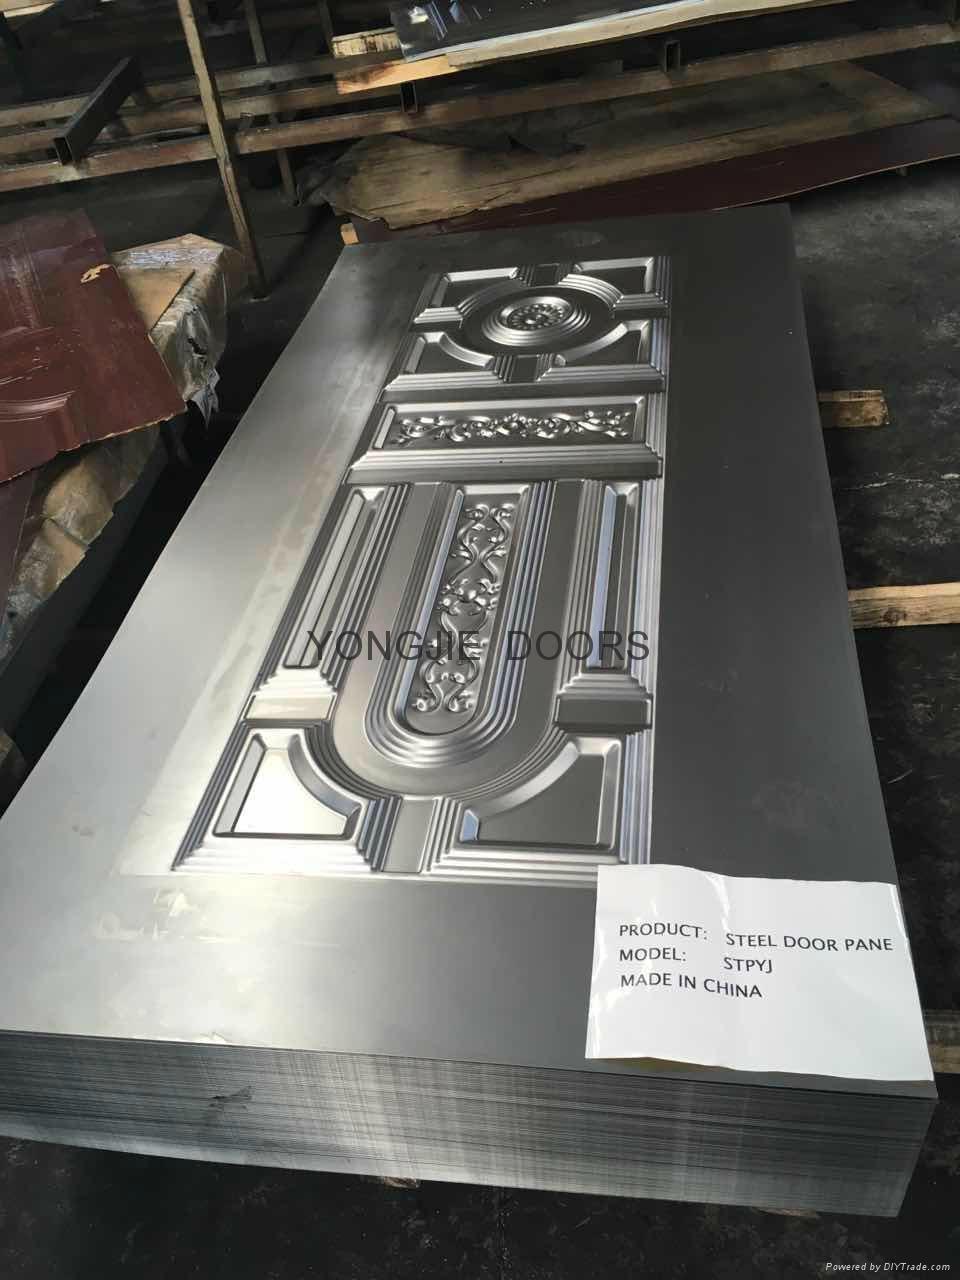 Yujie Embossed Steel Door Skin factory made - China - Manufacturer on